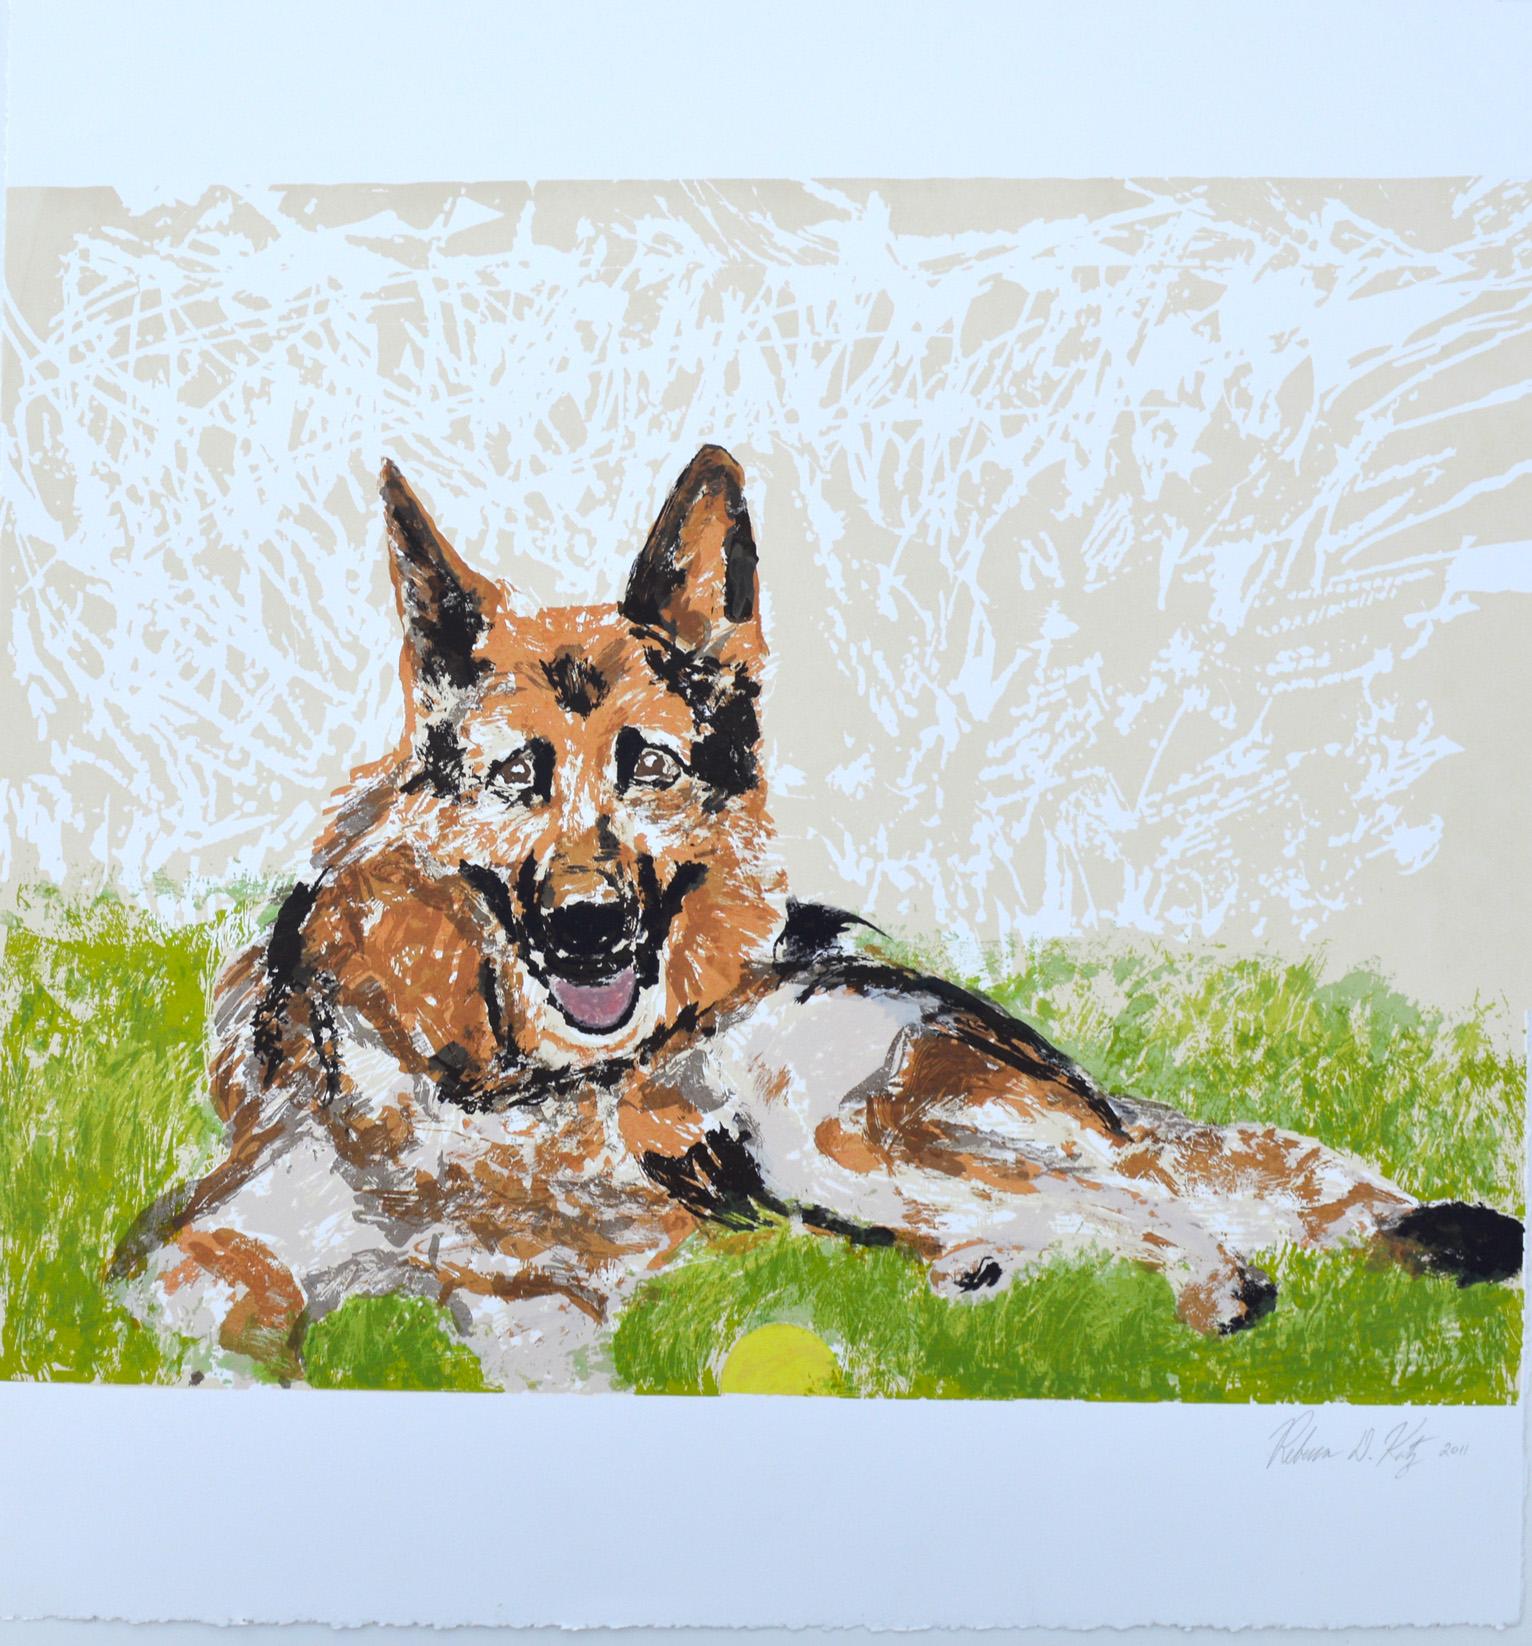 Issa's Dog, Gunny